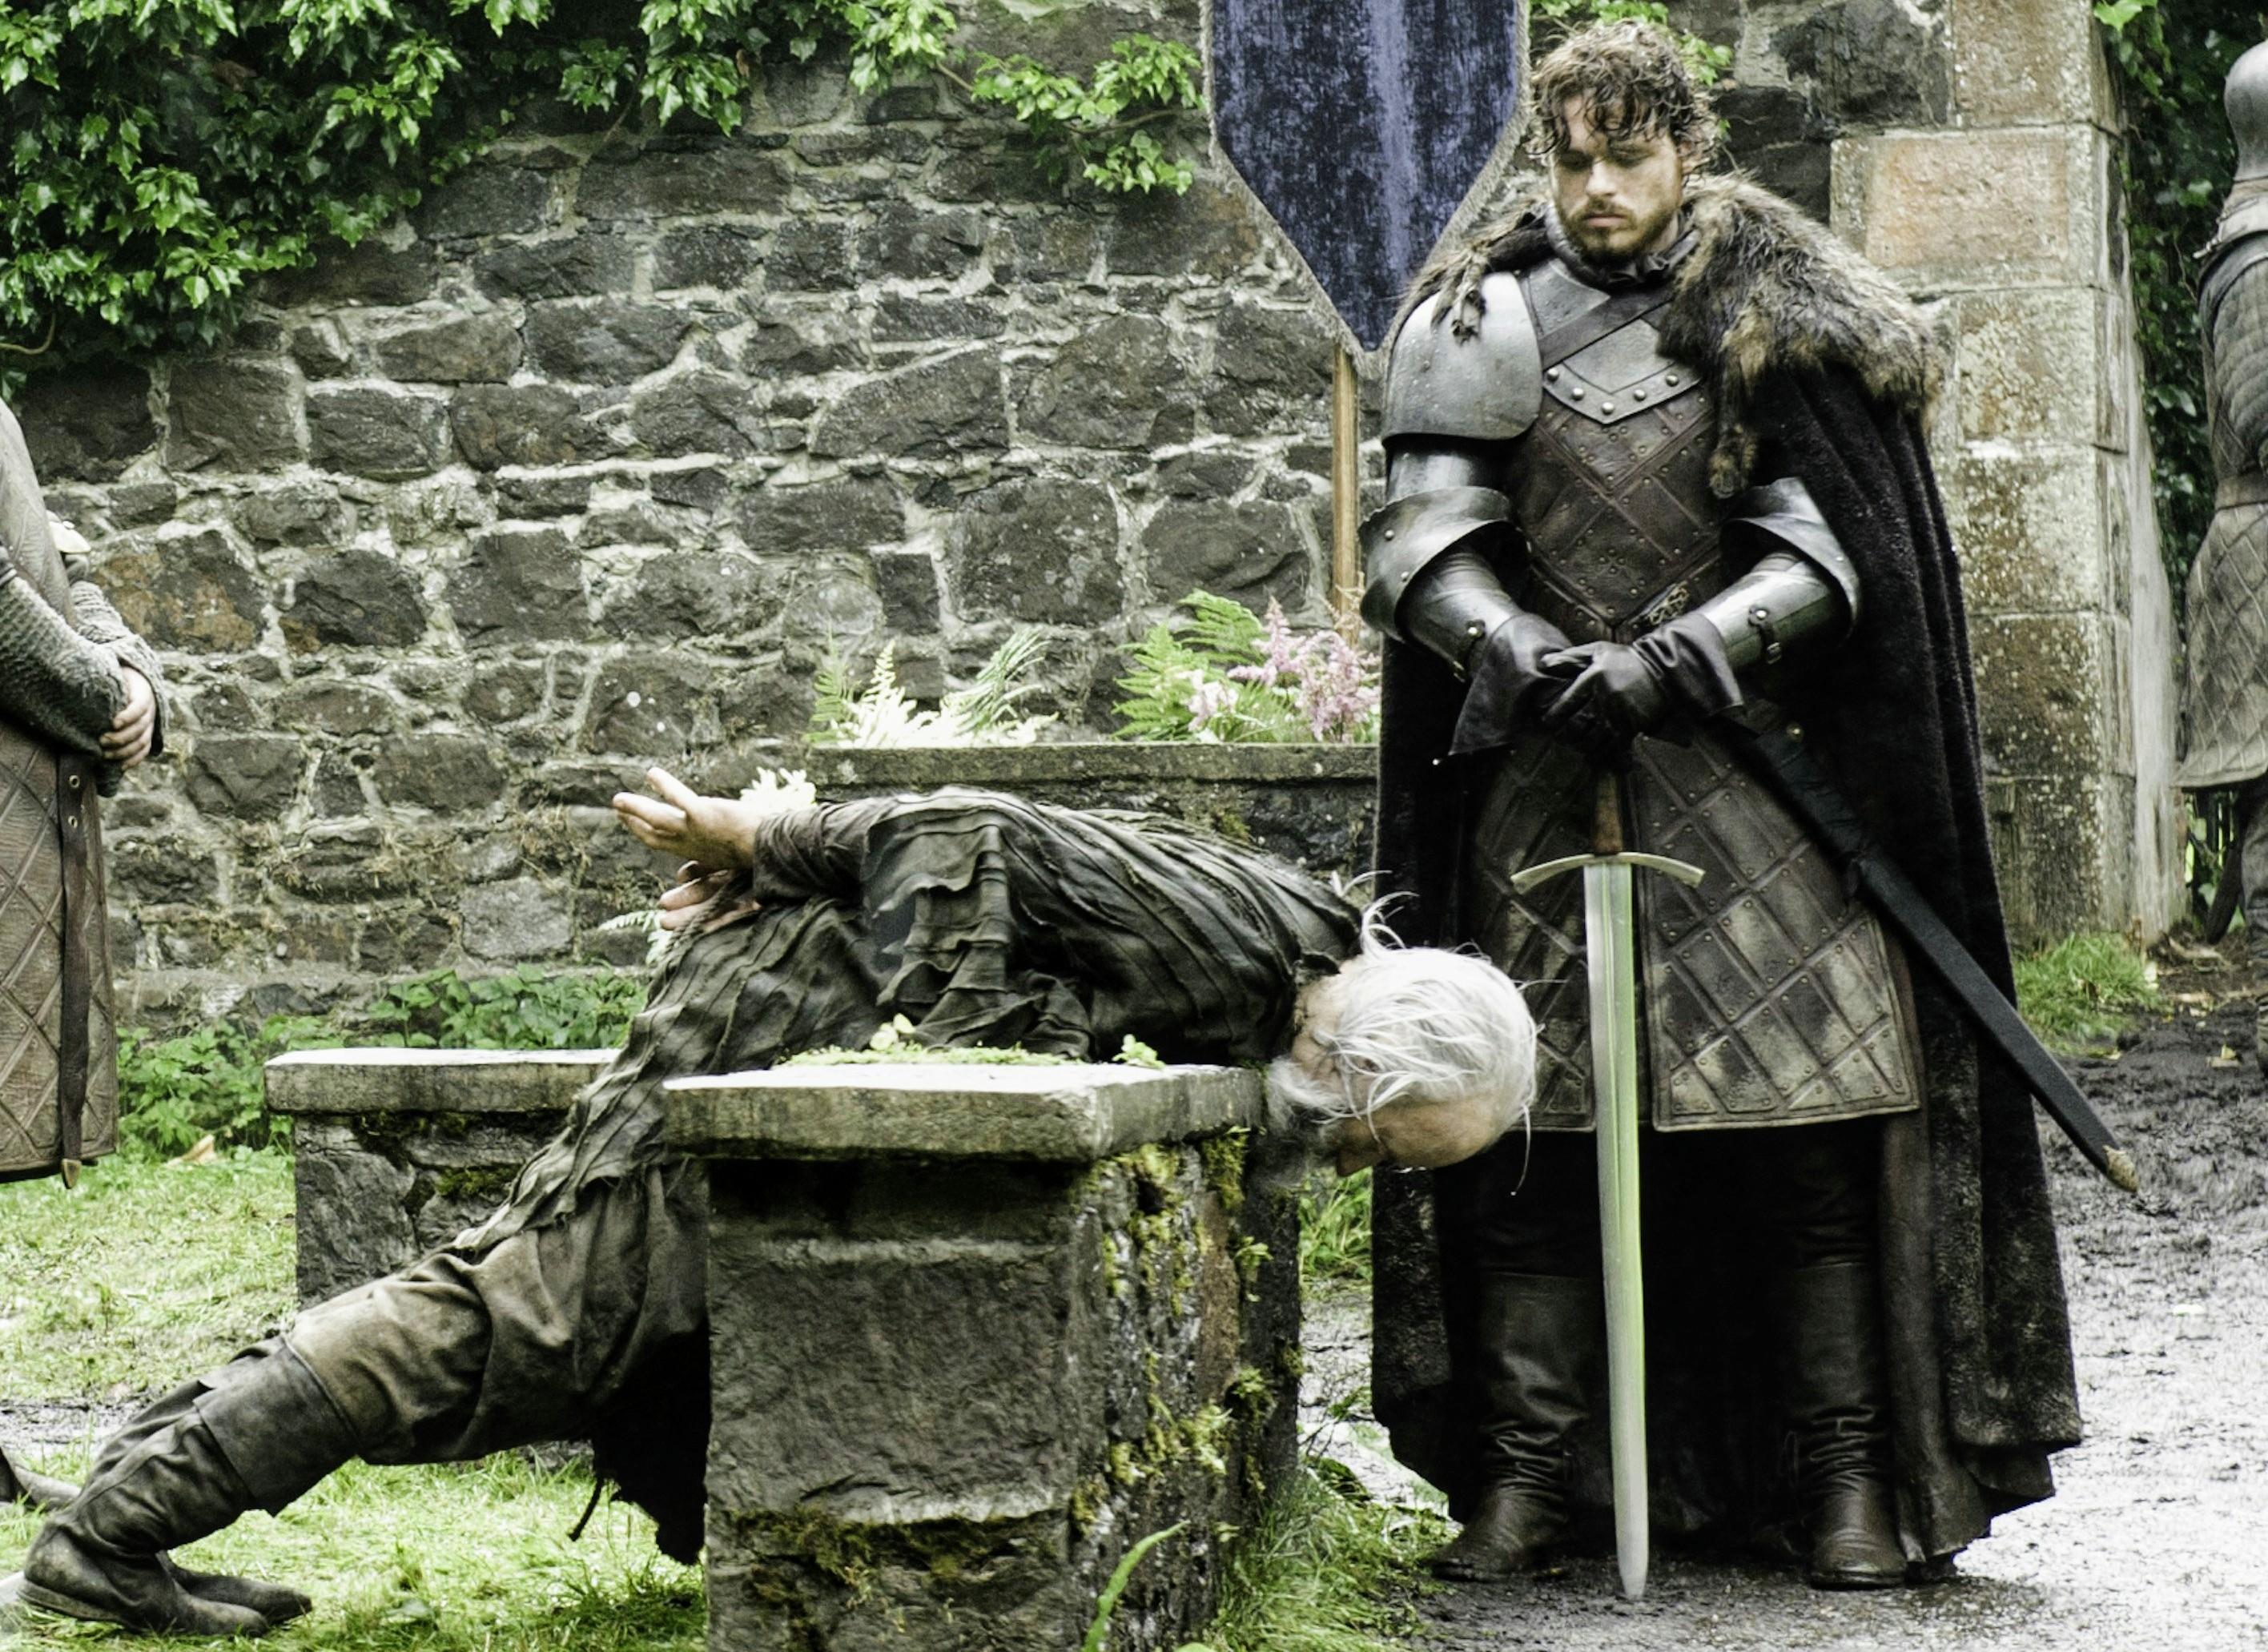 Robb Stark Execution of Karstark Season 3